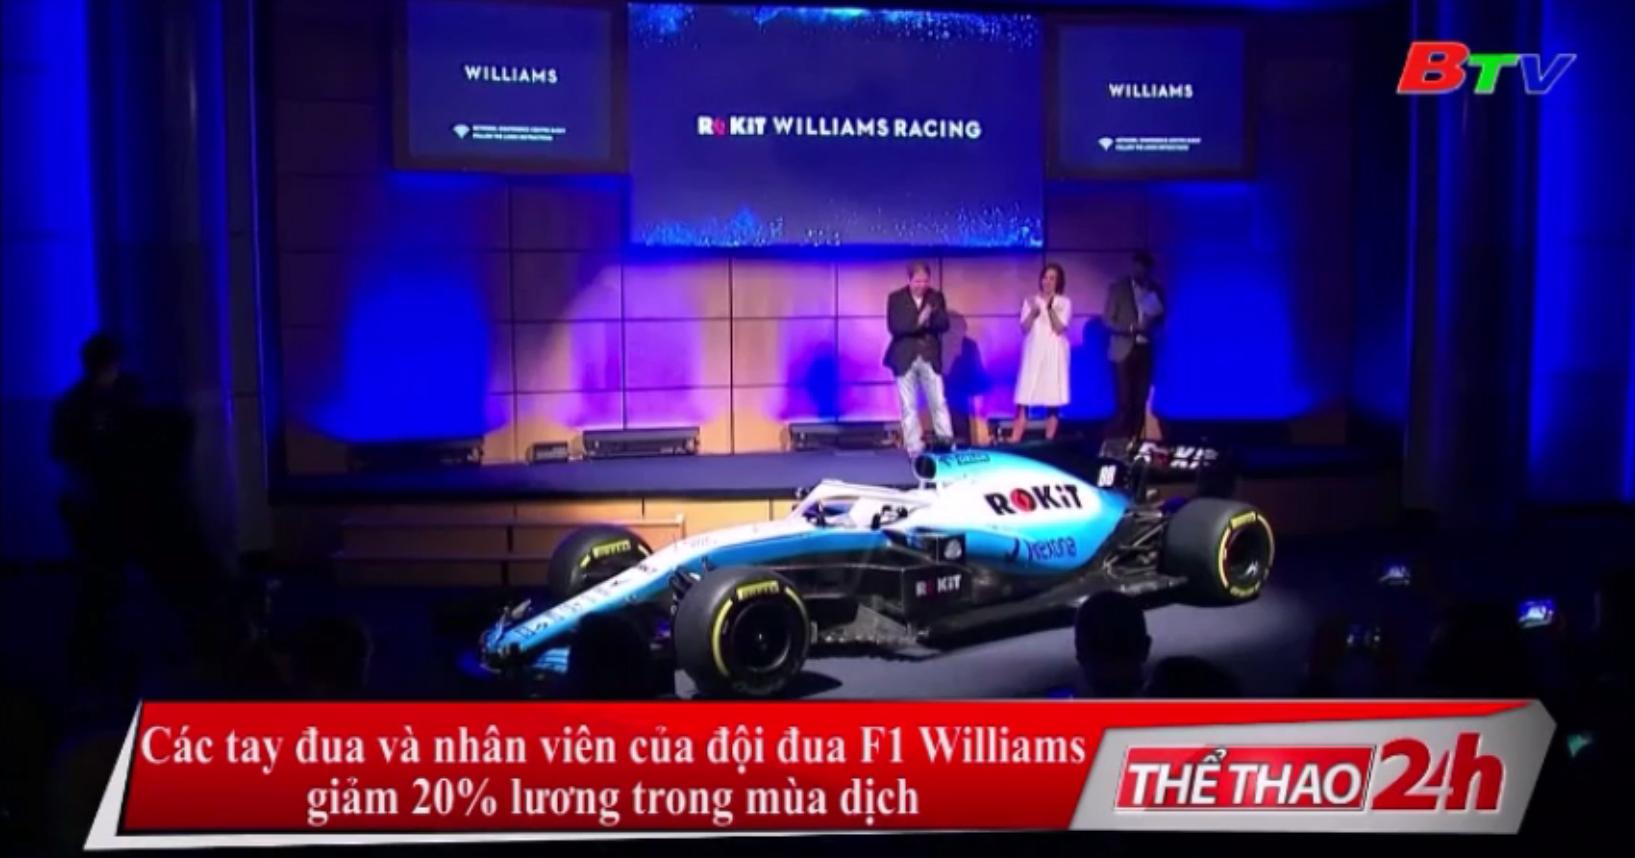 Các tay đua và nhân viên của đội đua F1 Williams giảm 20% lương trong mùa dịch